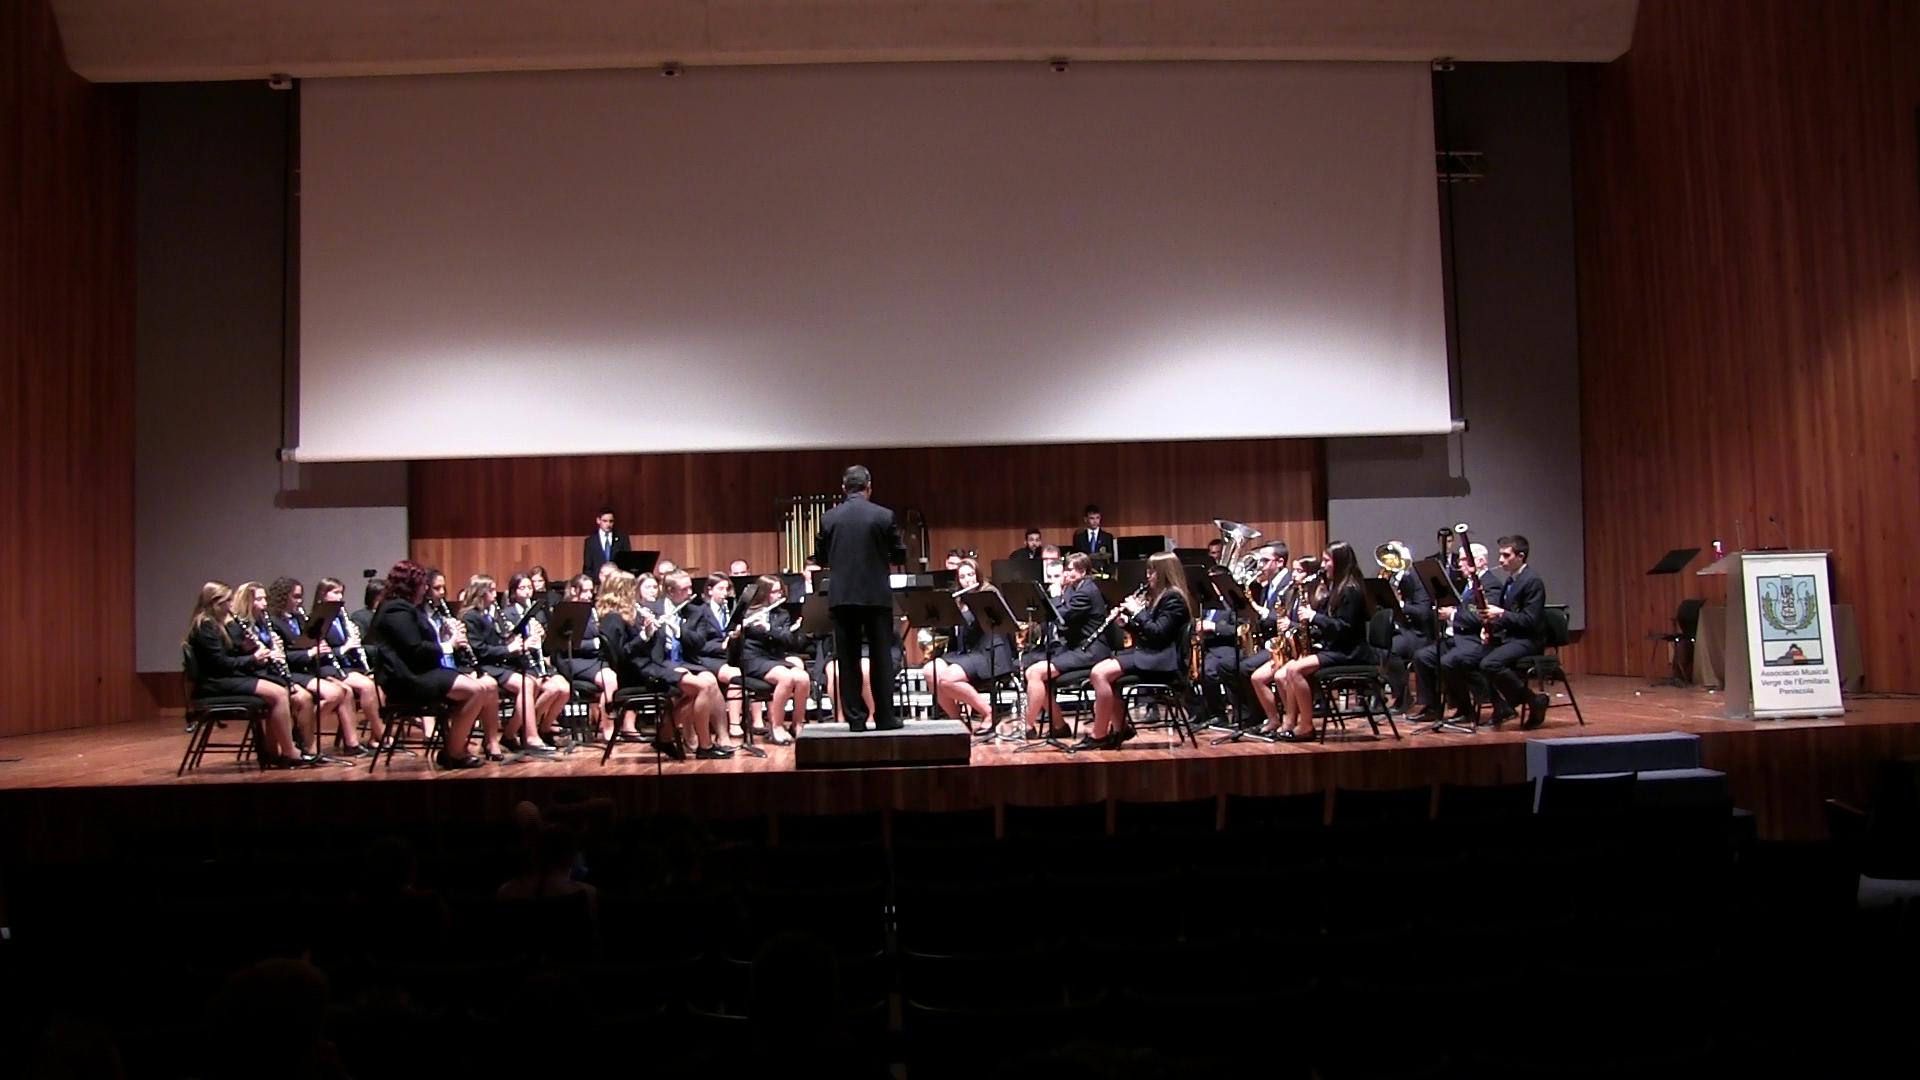 Peníscola, l'Associació Musical Verge de l'Ermitana oferirà un concert solidari el 30 de març